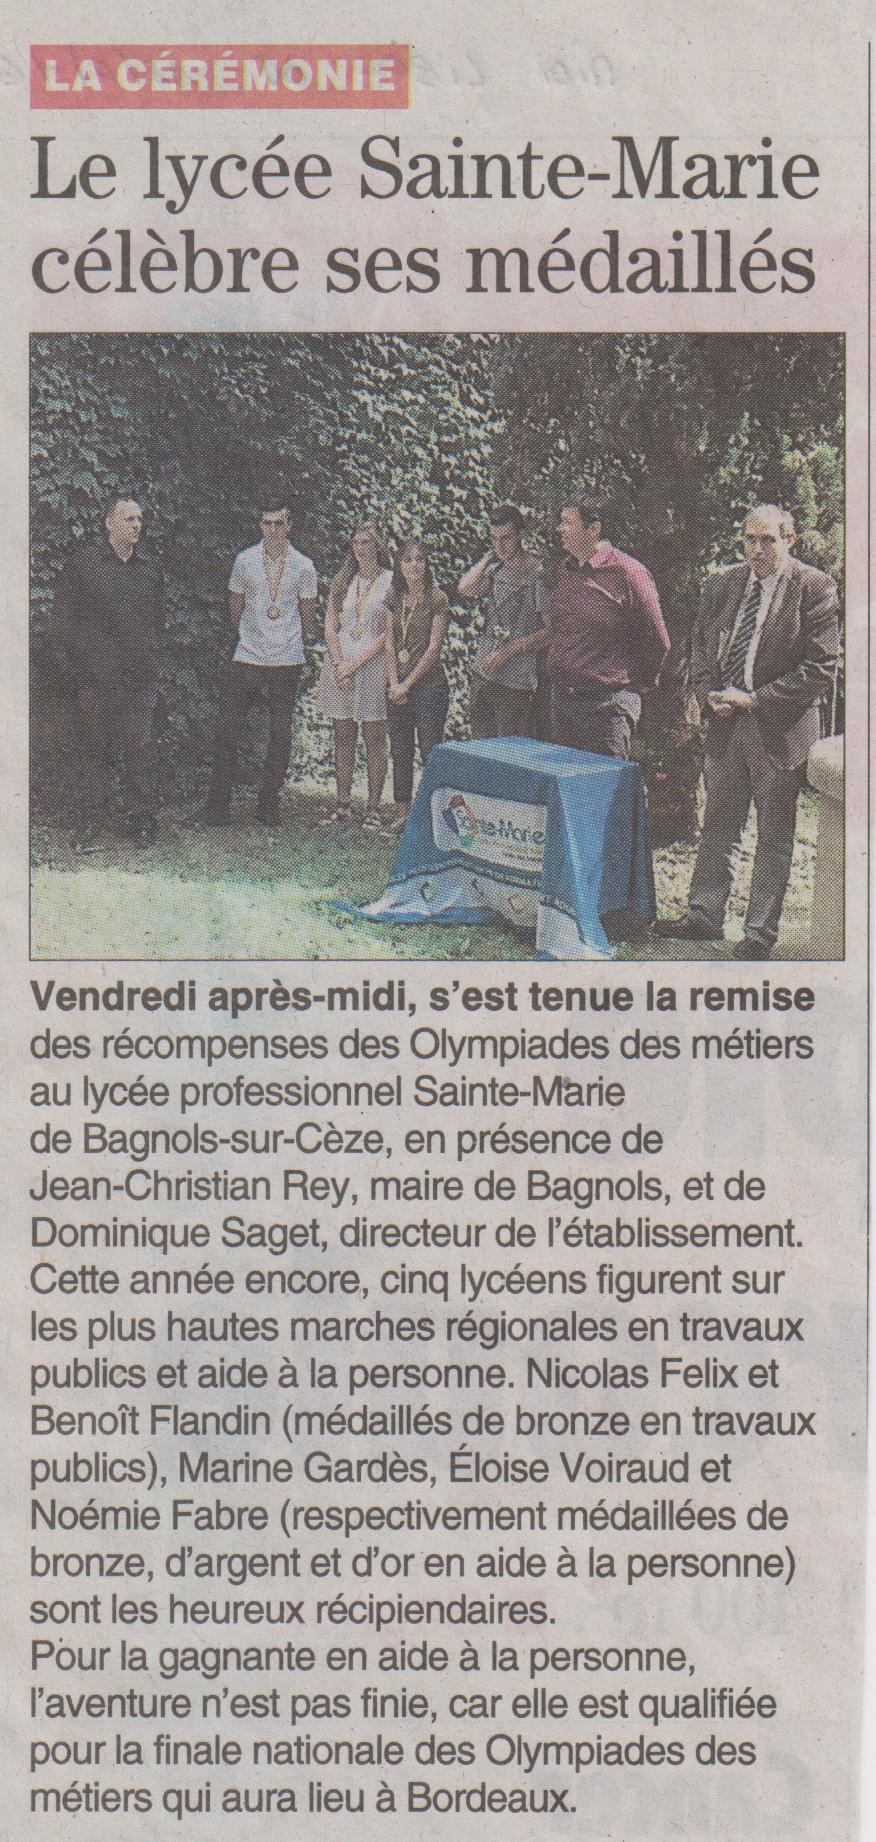 Le-Lycée-Sainte-Marie-célèbre-ses-médaillés